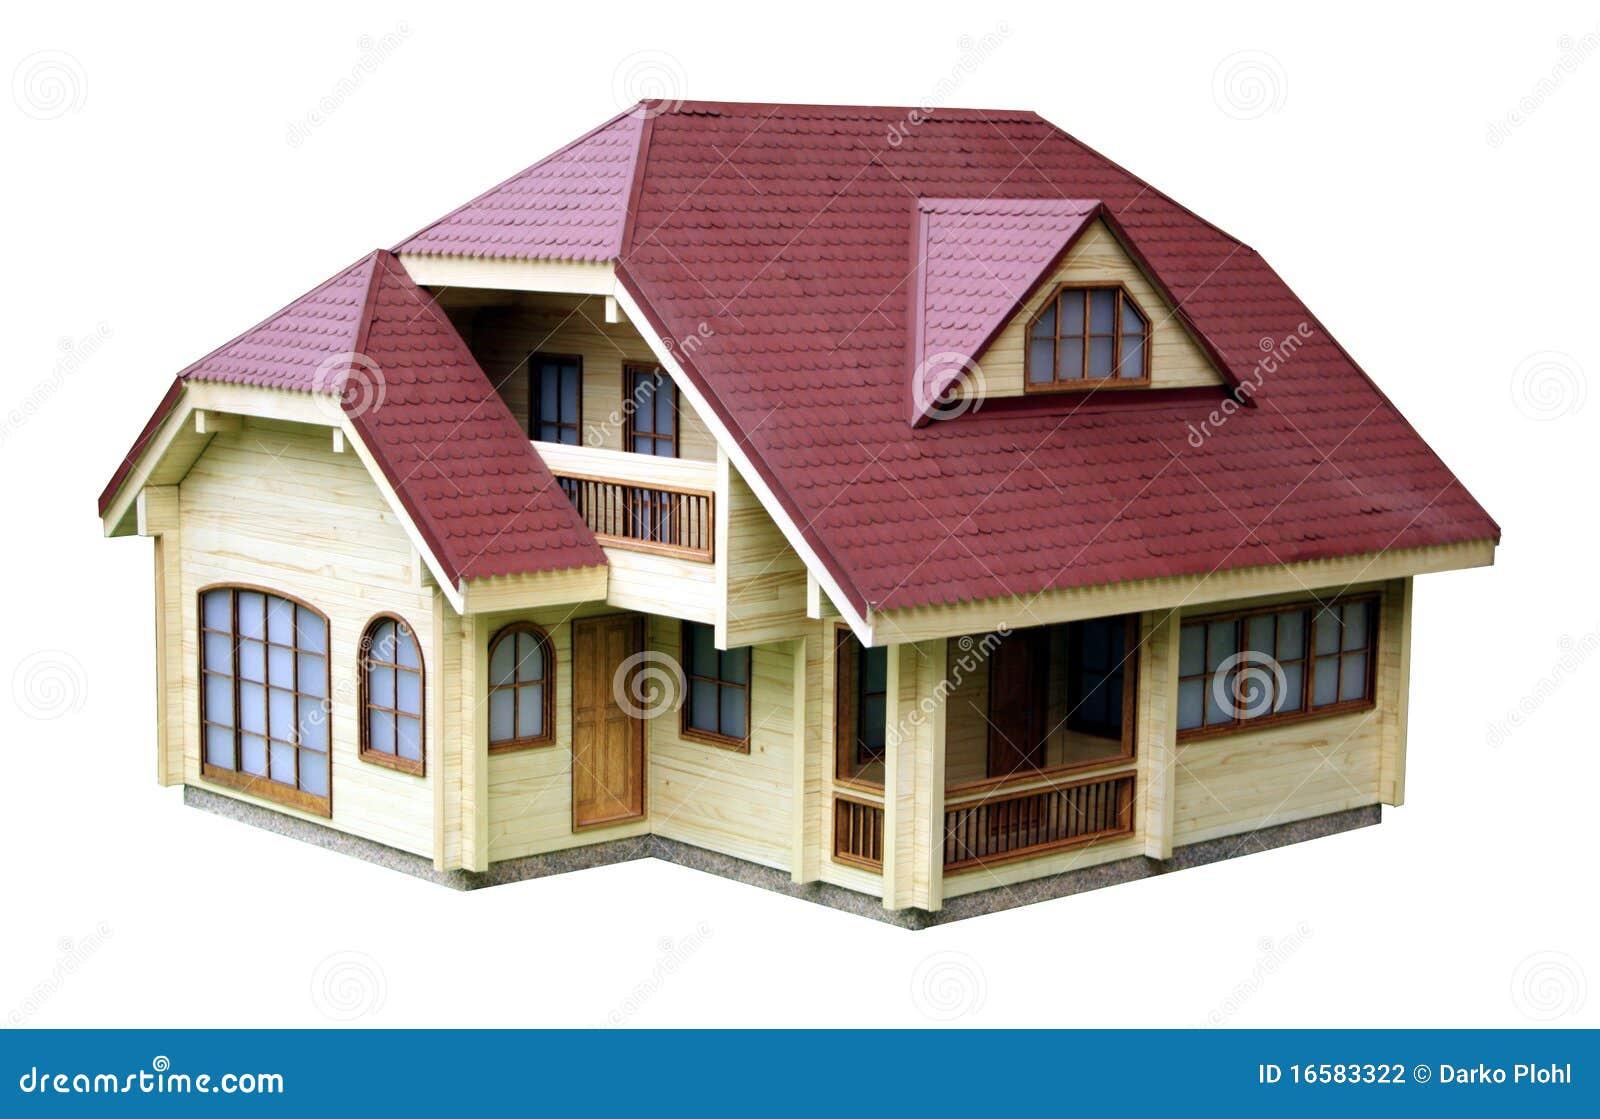 Het model van het huis stock fotografie afbeelding 16583322 - Huis exterieur model ...